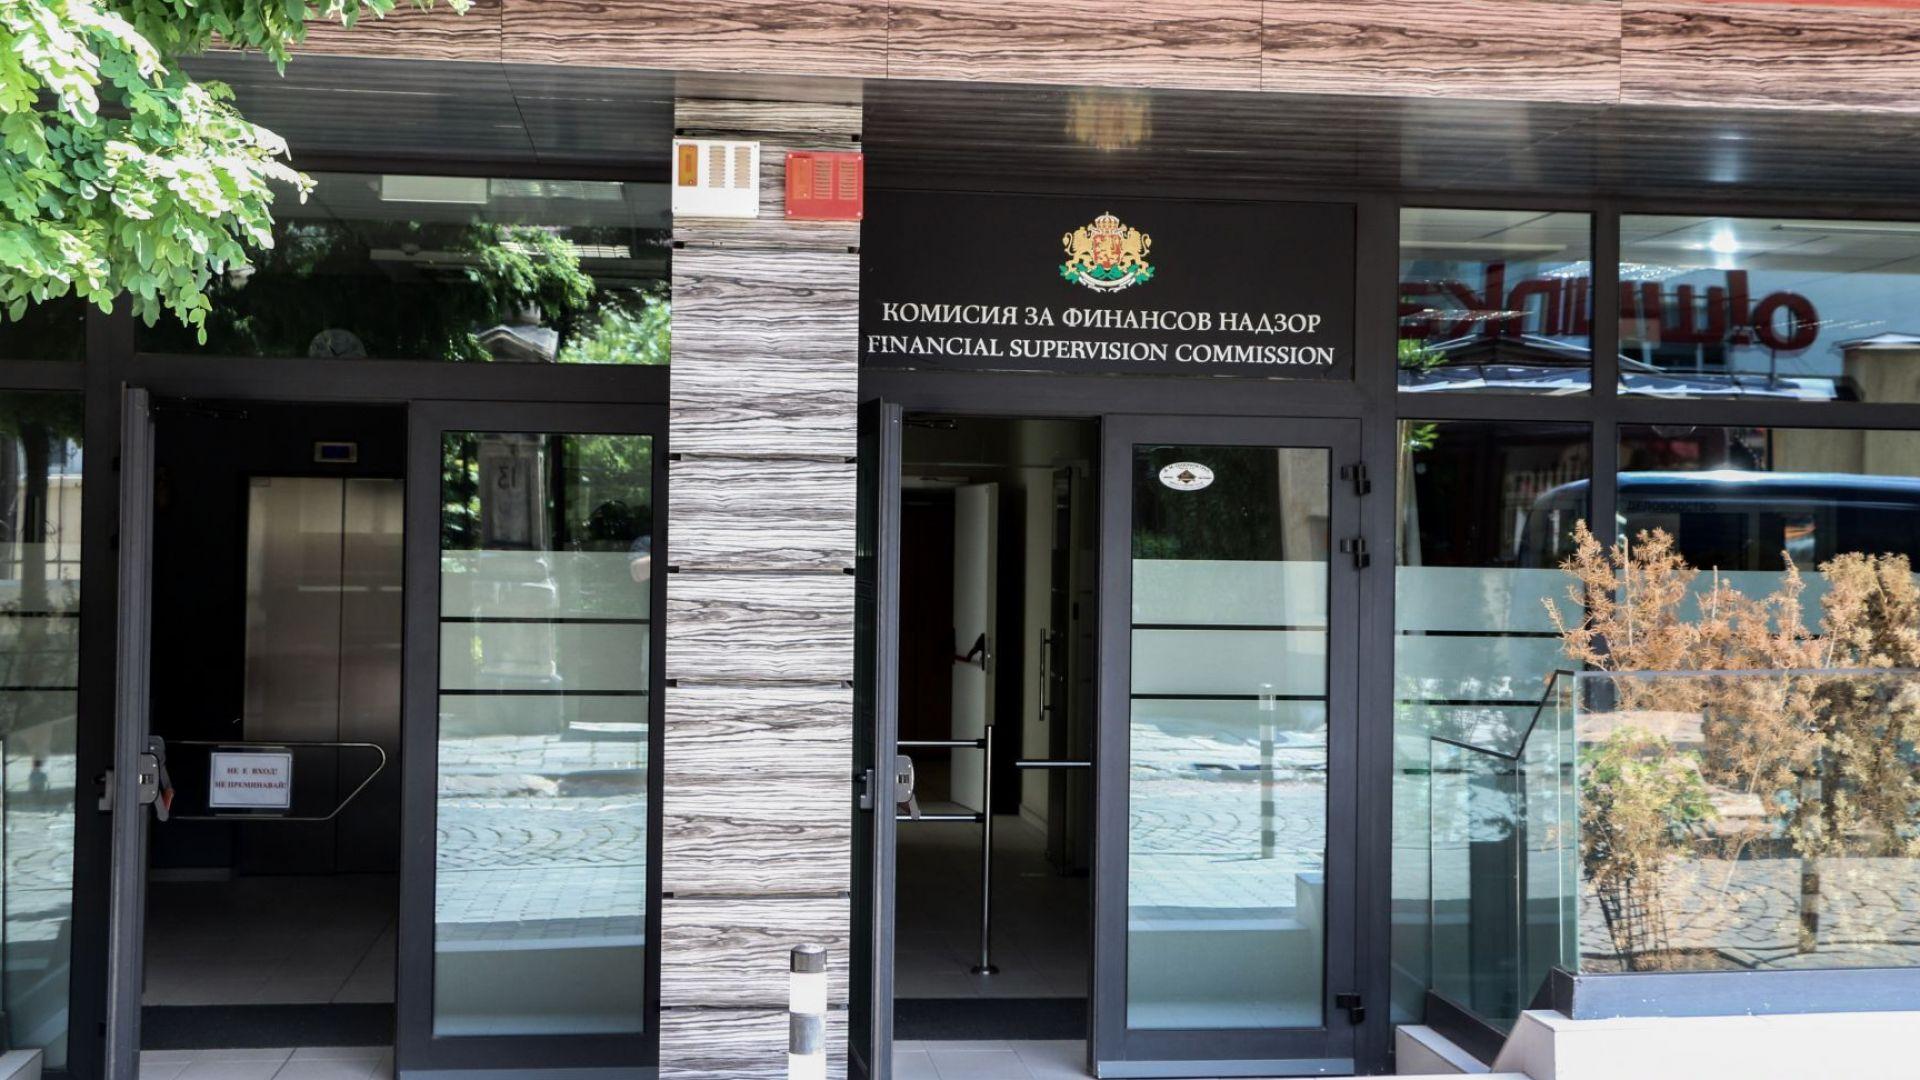 КФН предупреди: Измамници заблуждават инвеститори